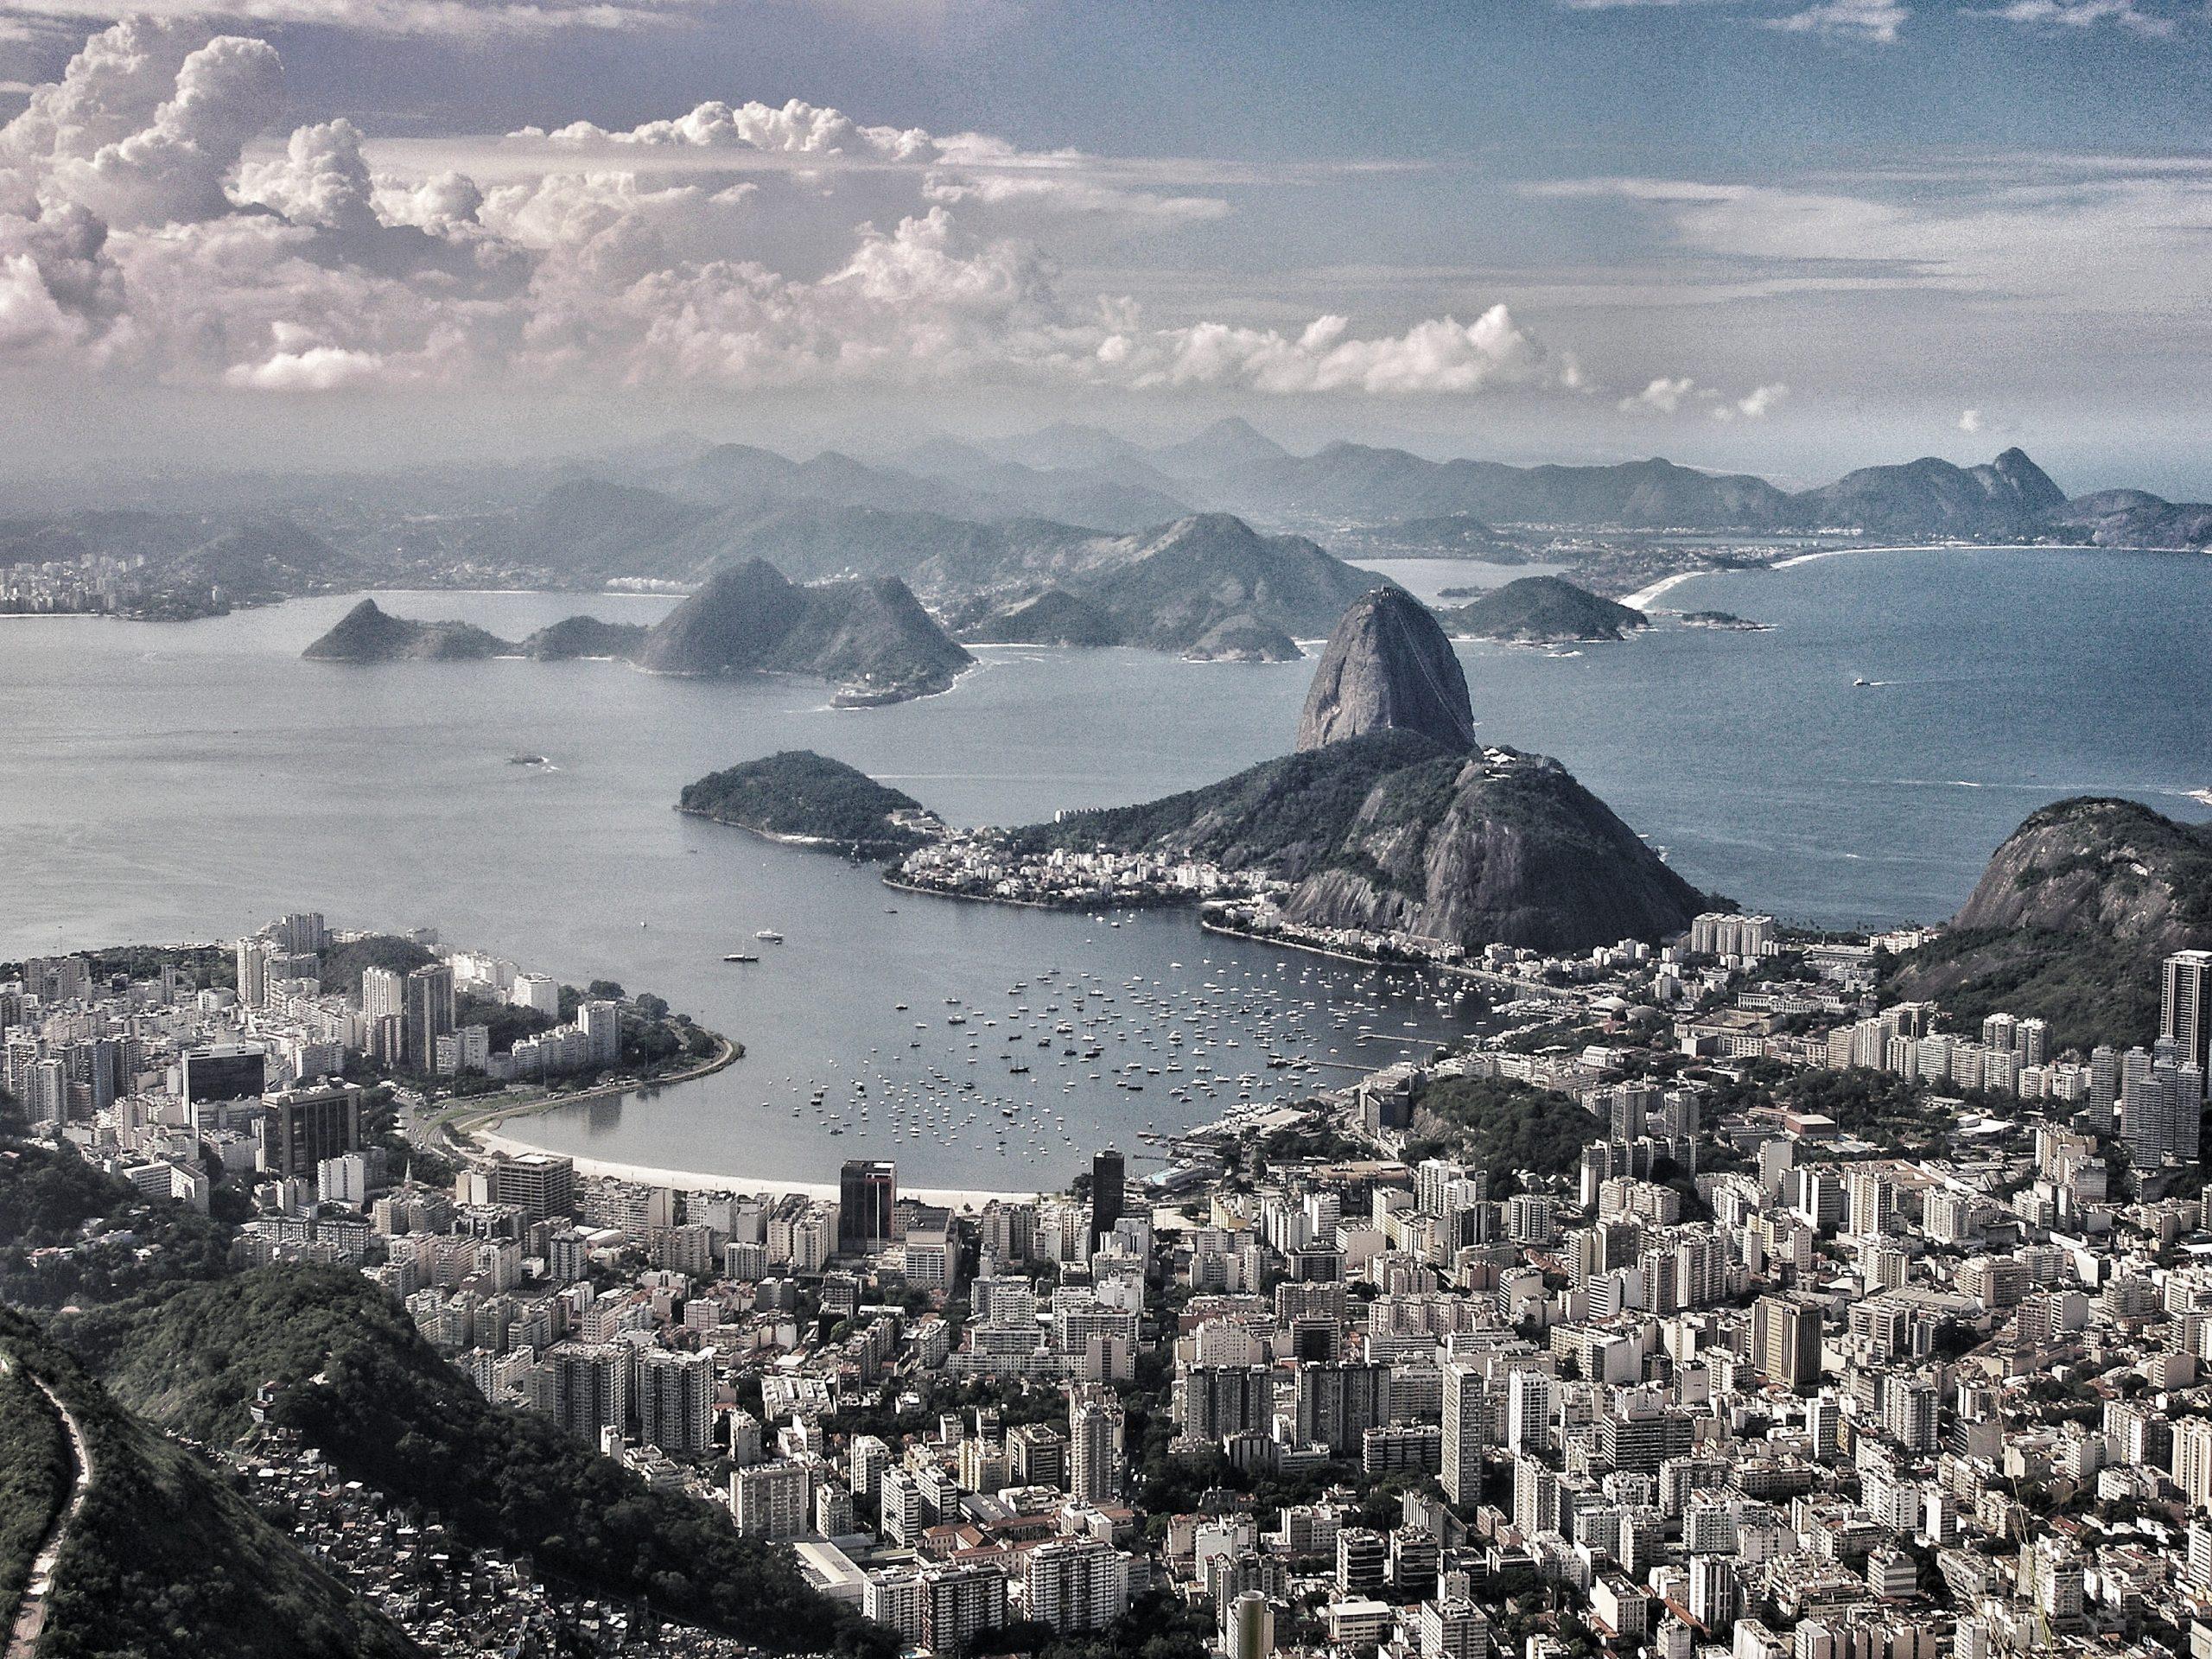 tem vaga no Botafogo do Rio de Janeiro